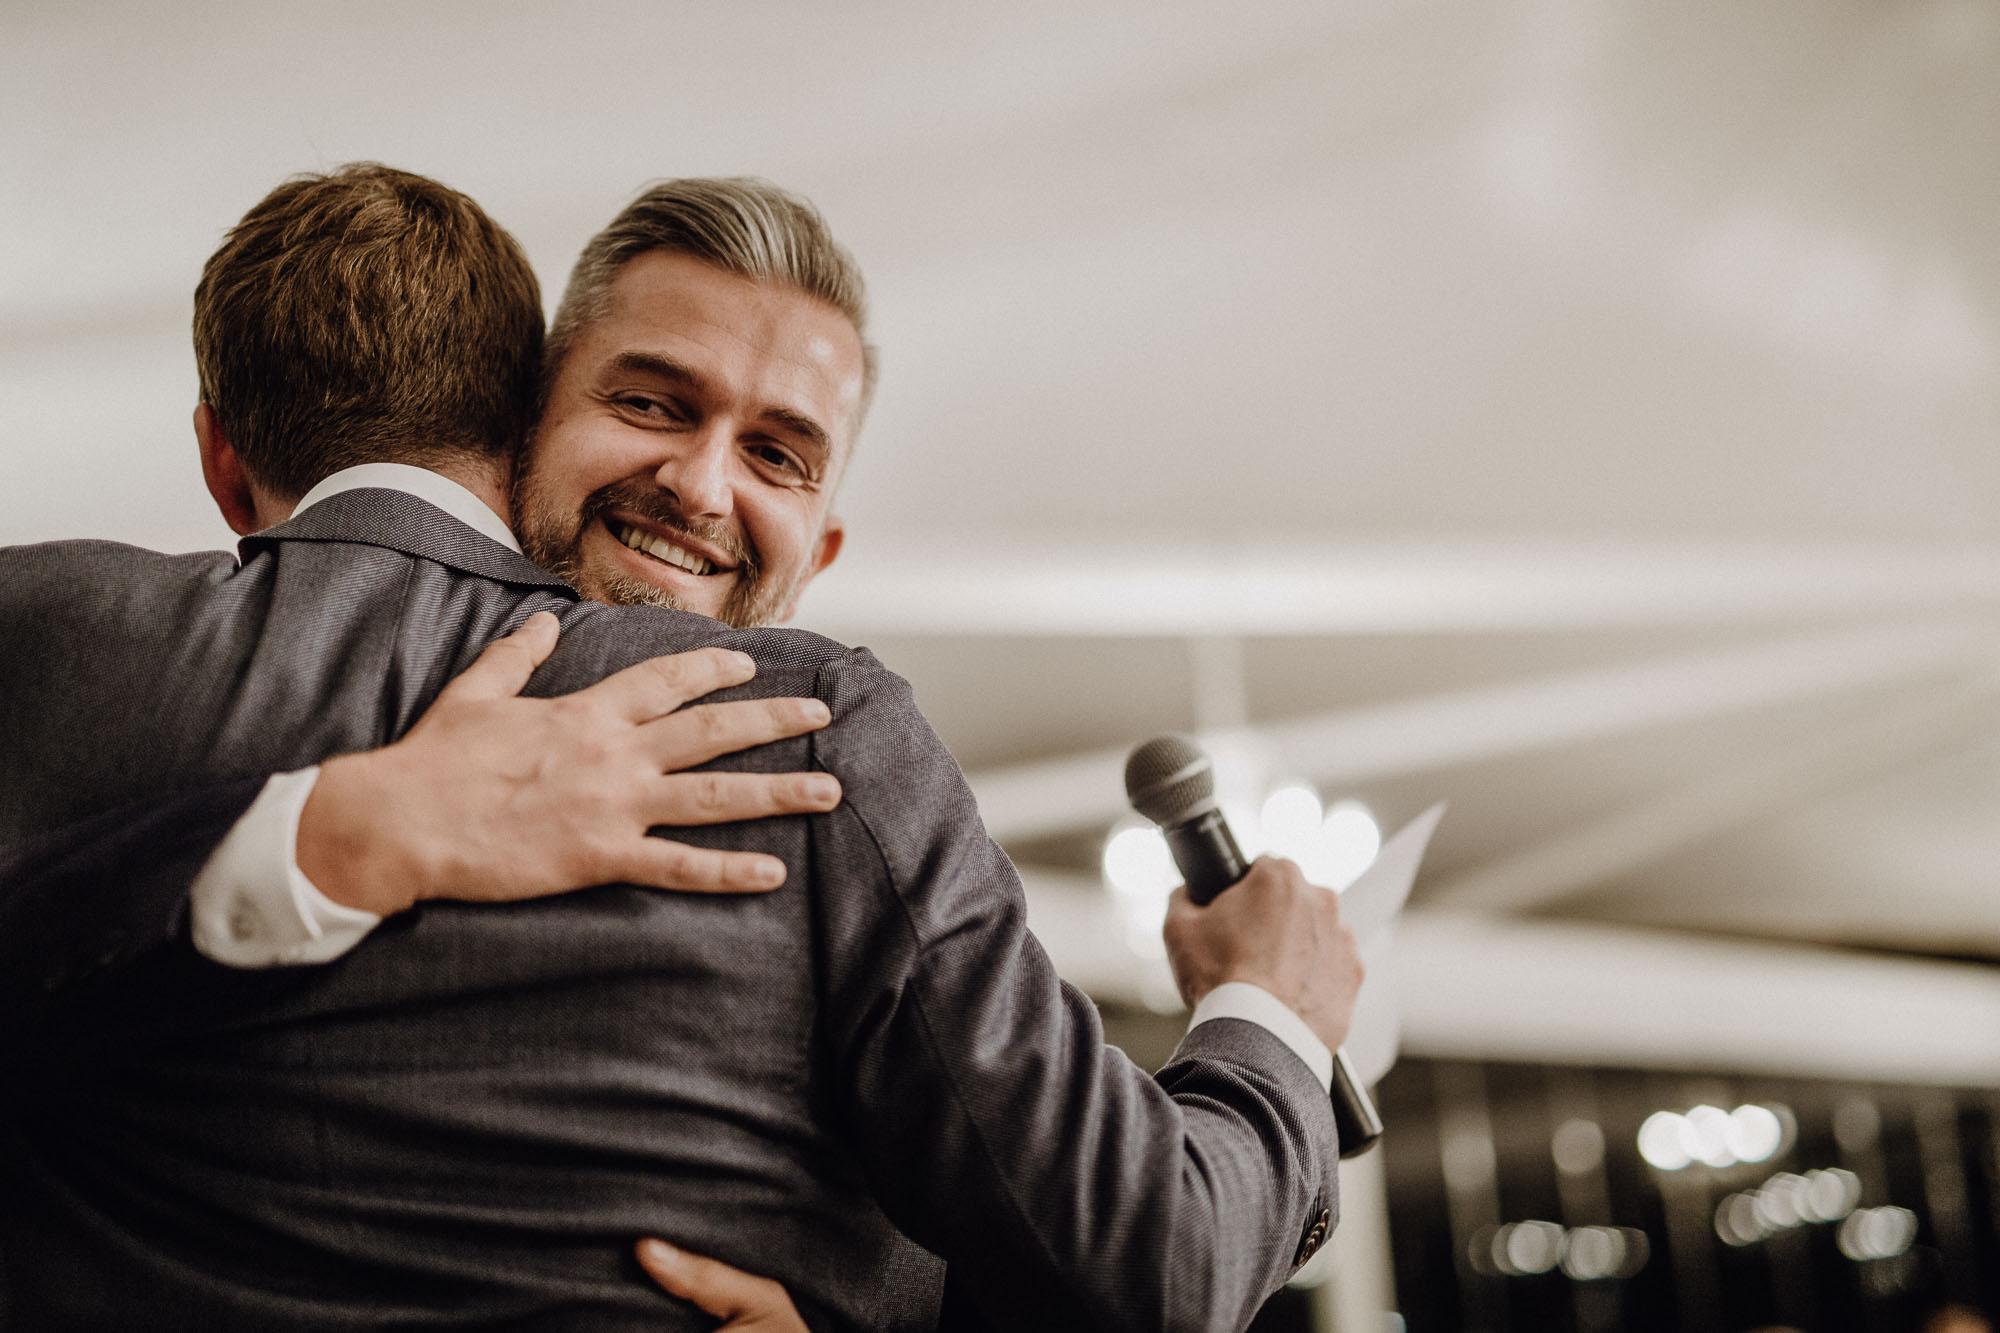 Der Trauzeuge umarmt den Bräutigam